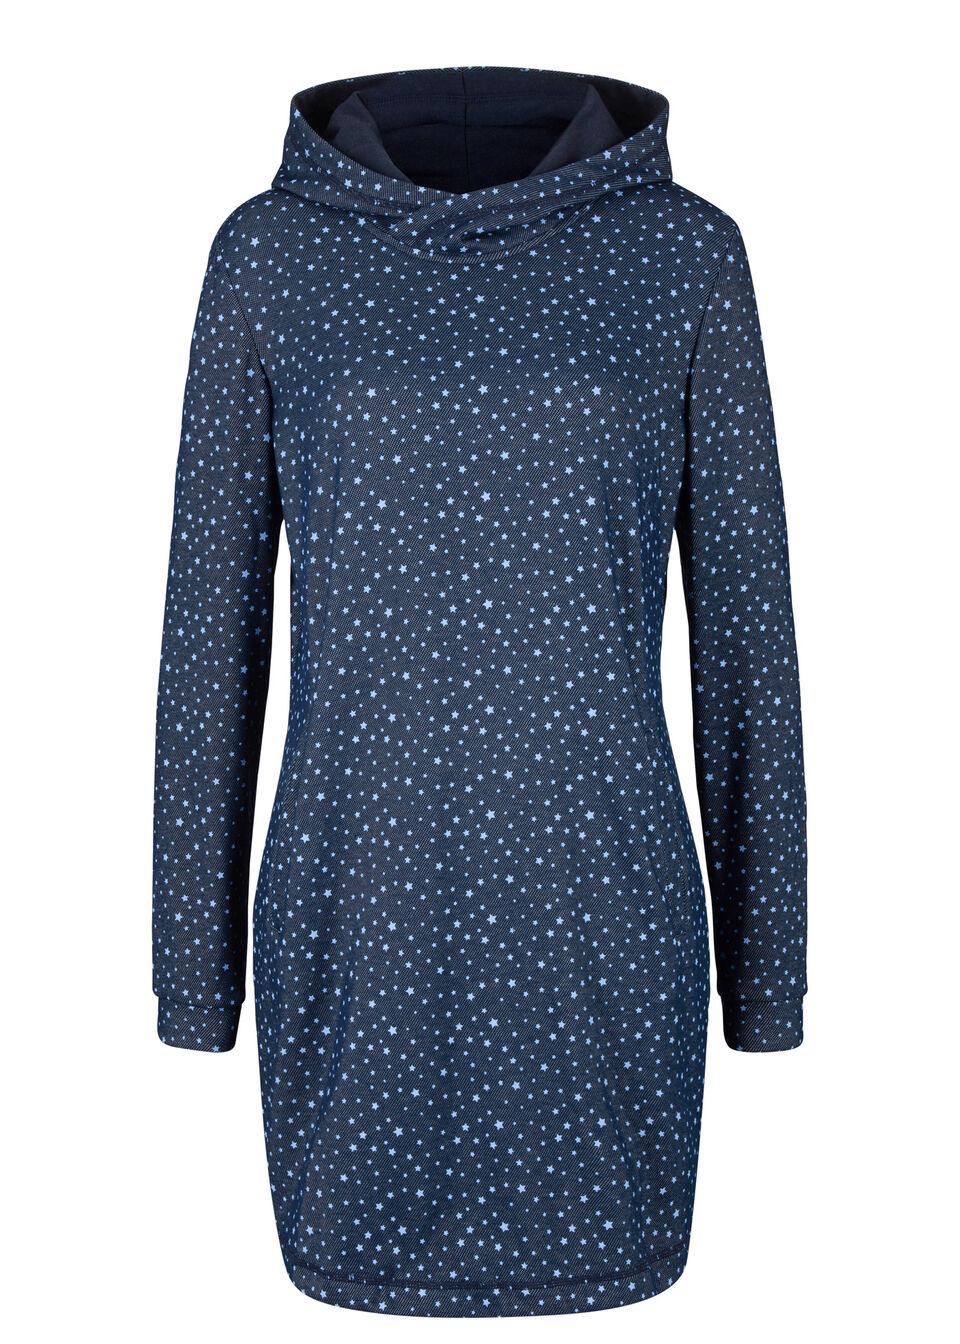 Sukienka dresowa ocieplana, z nadrukiem bonprix niebieski z nadrukiem w gwiazdy